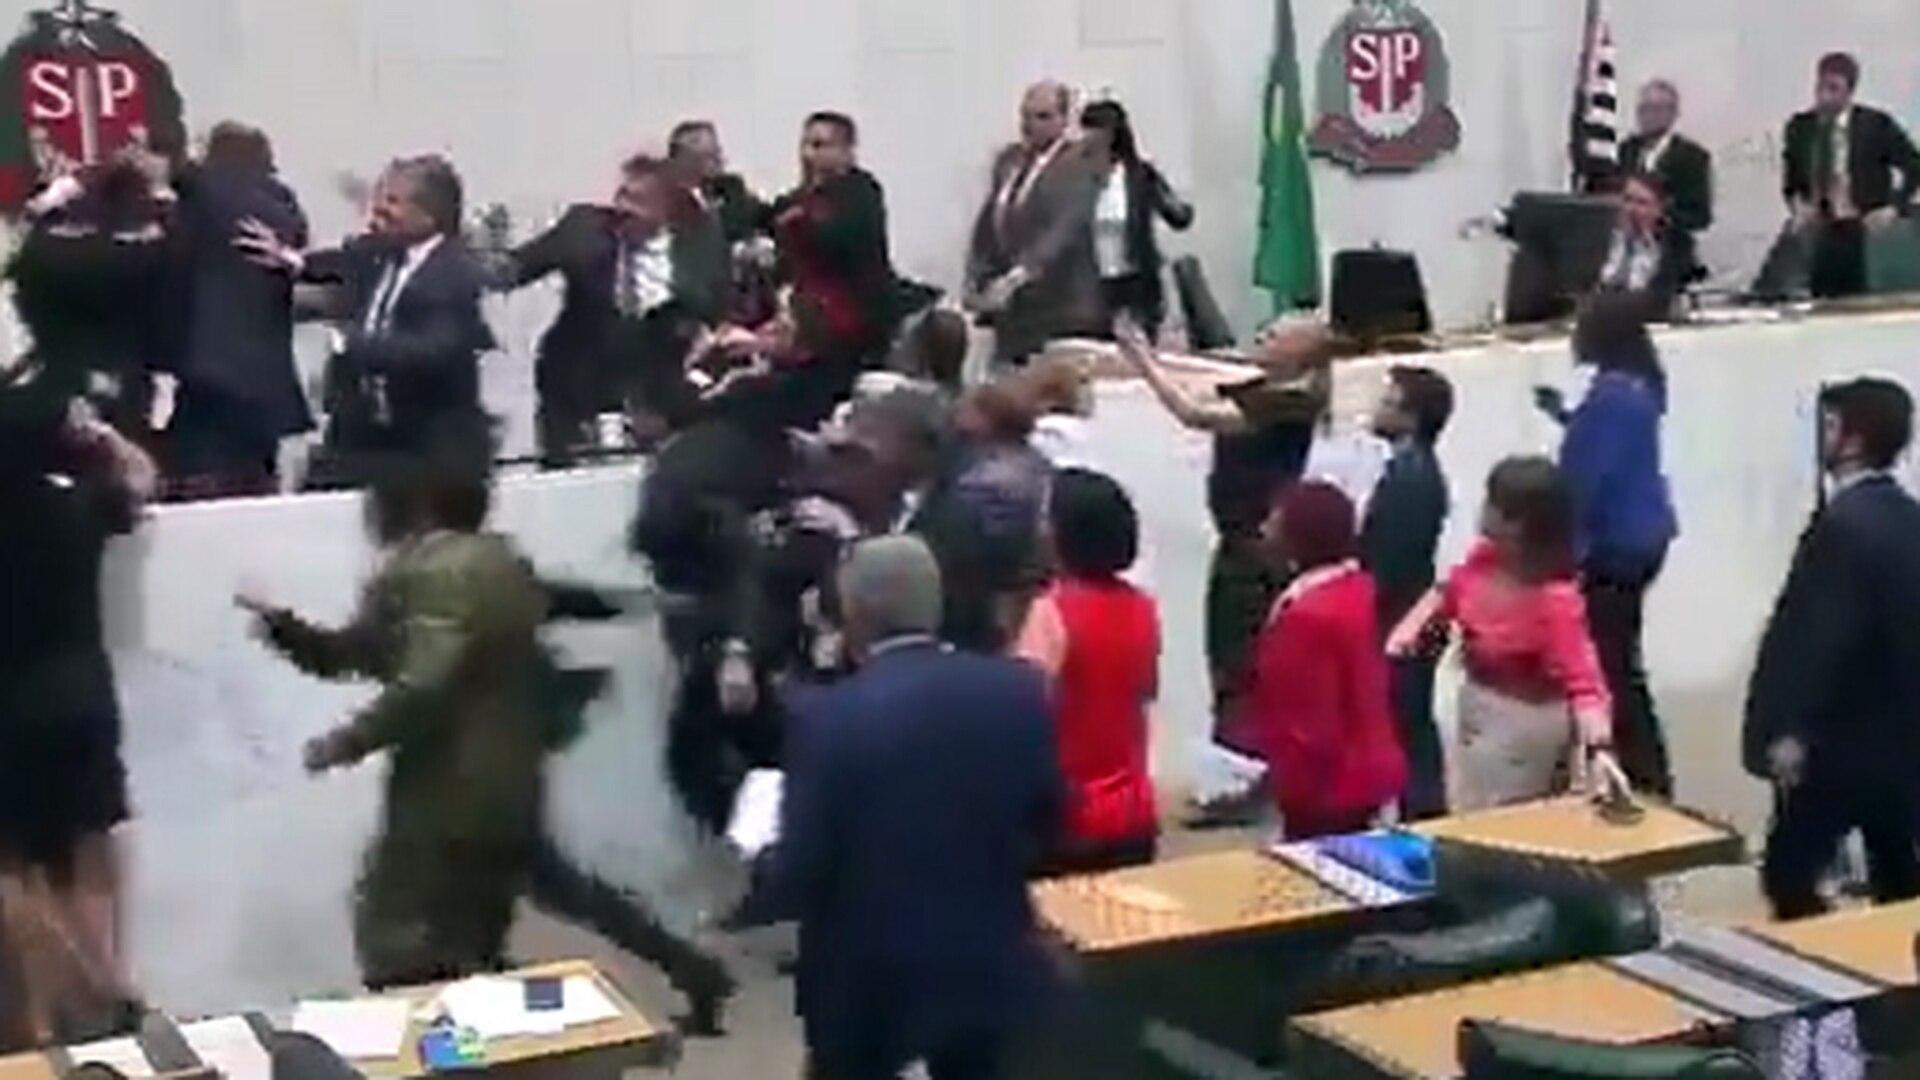 Actriz Porno Es Mordida Por Tiburon caos en la asamblea legislativa de san pablo: un diputado